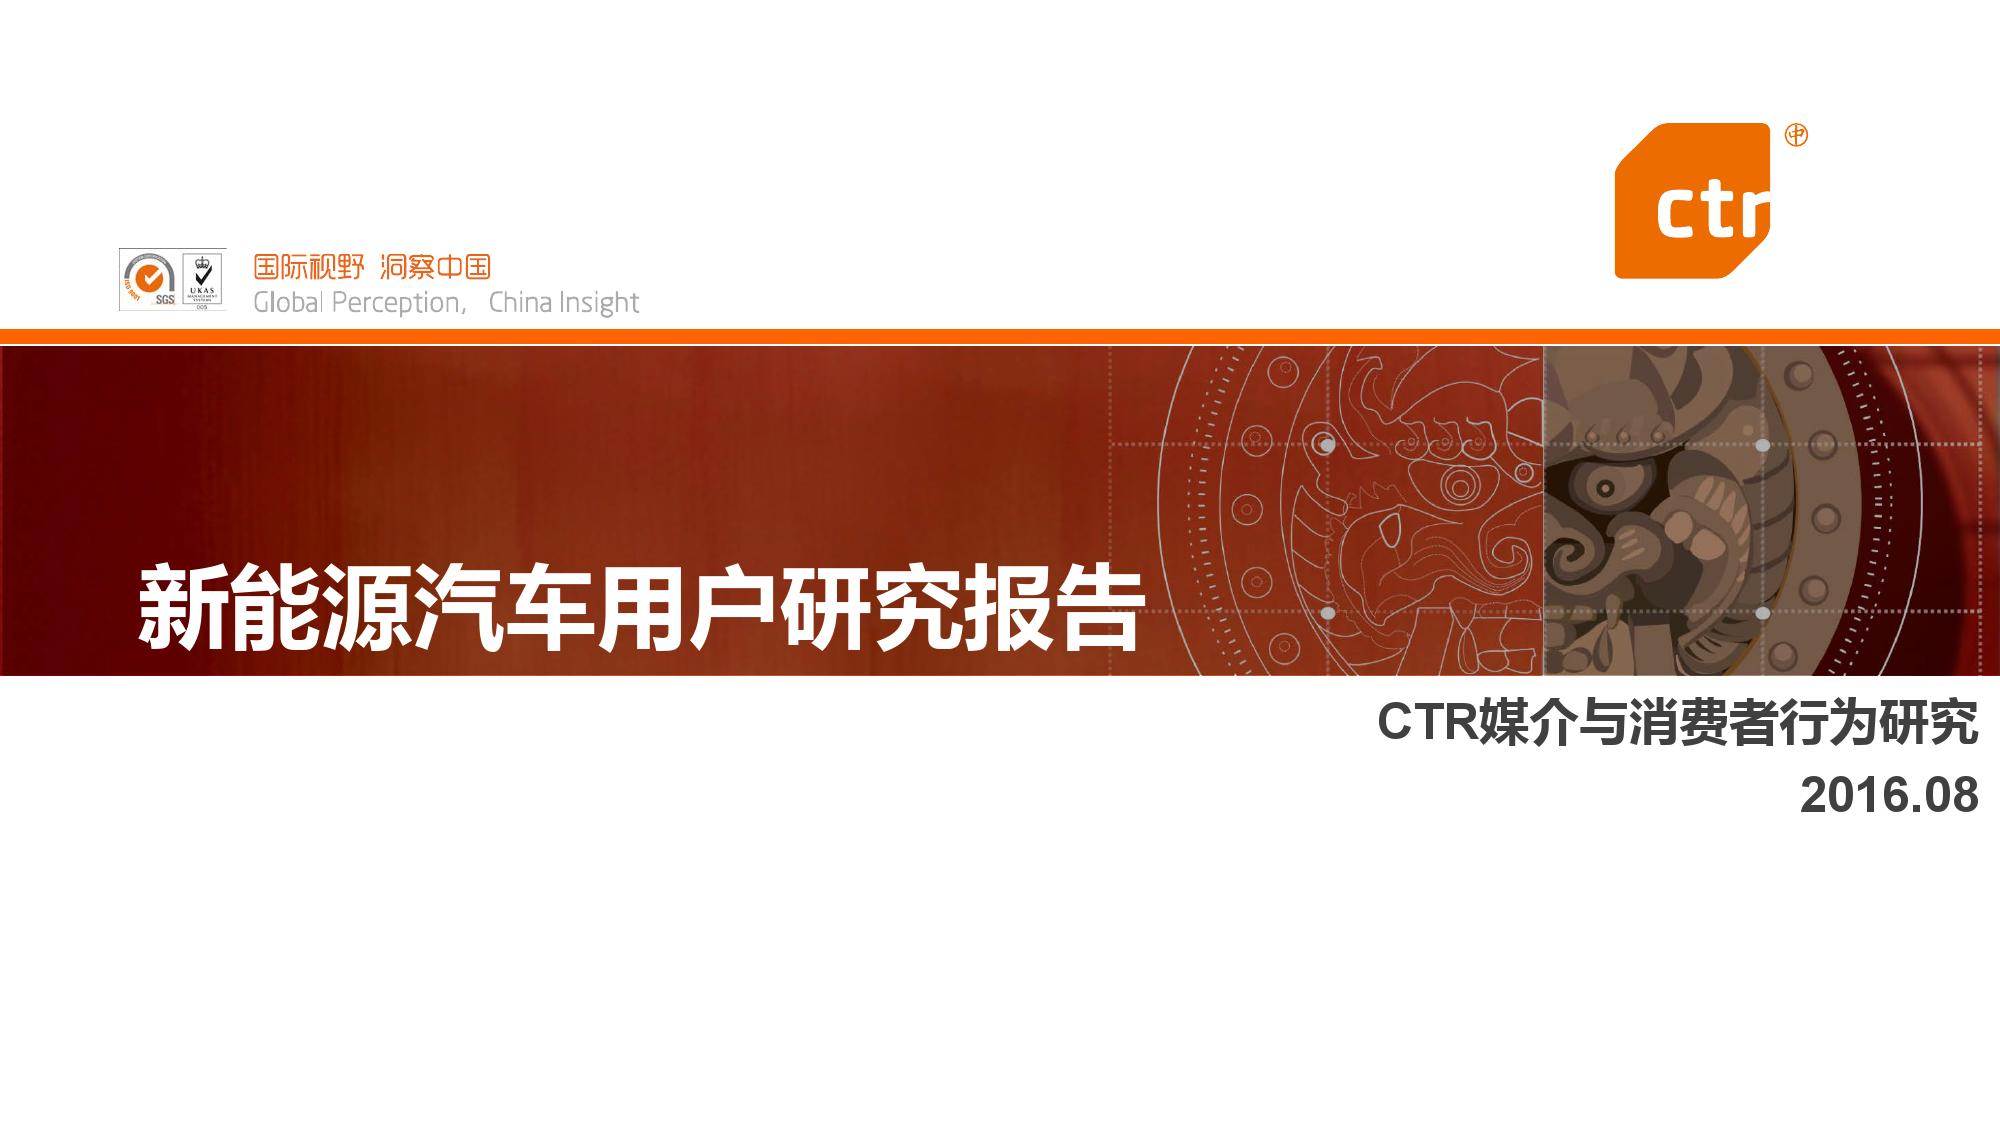 新能源汽车用户研究报告_000001